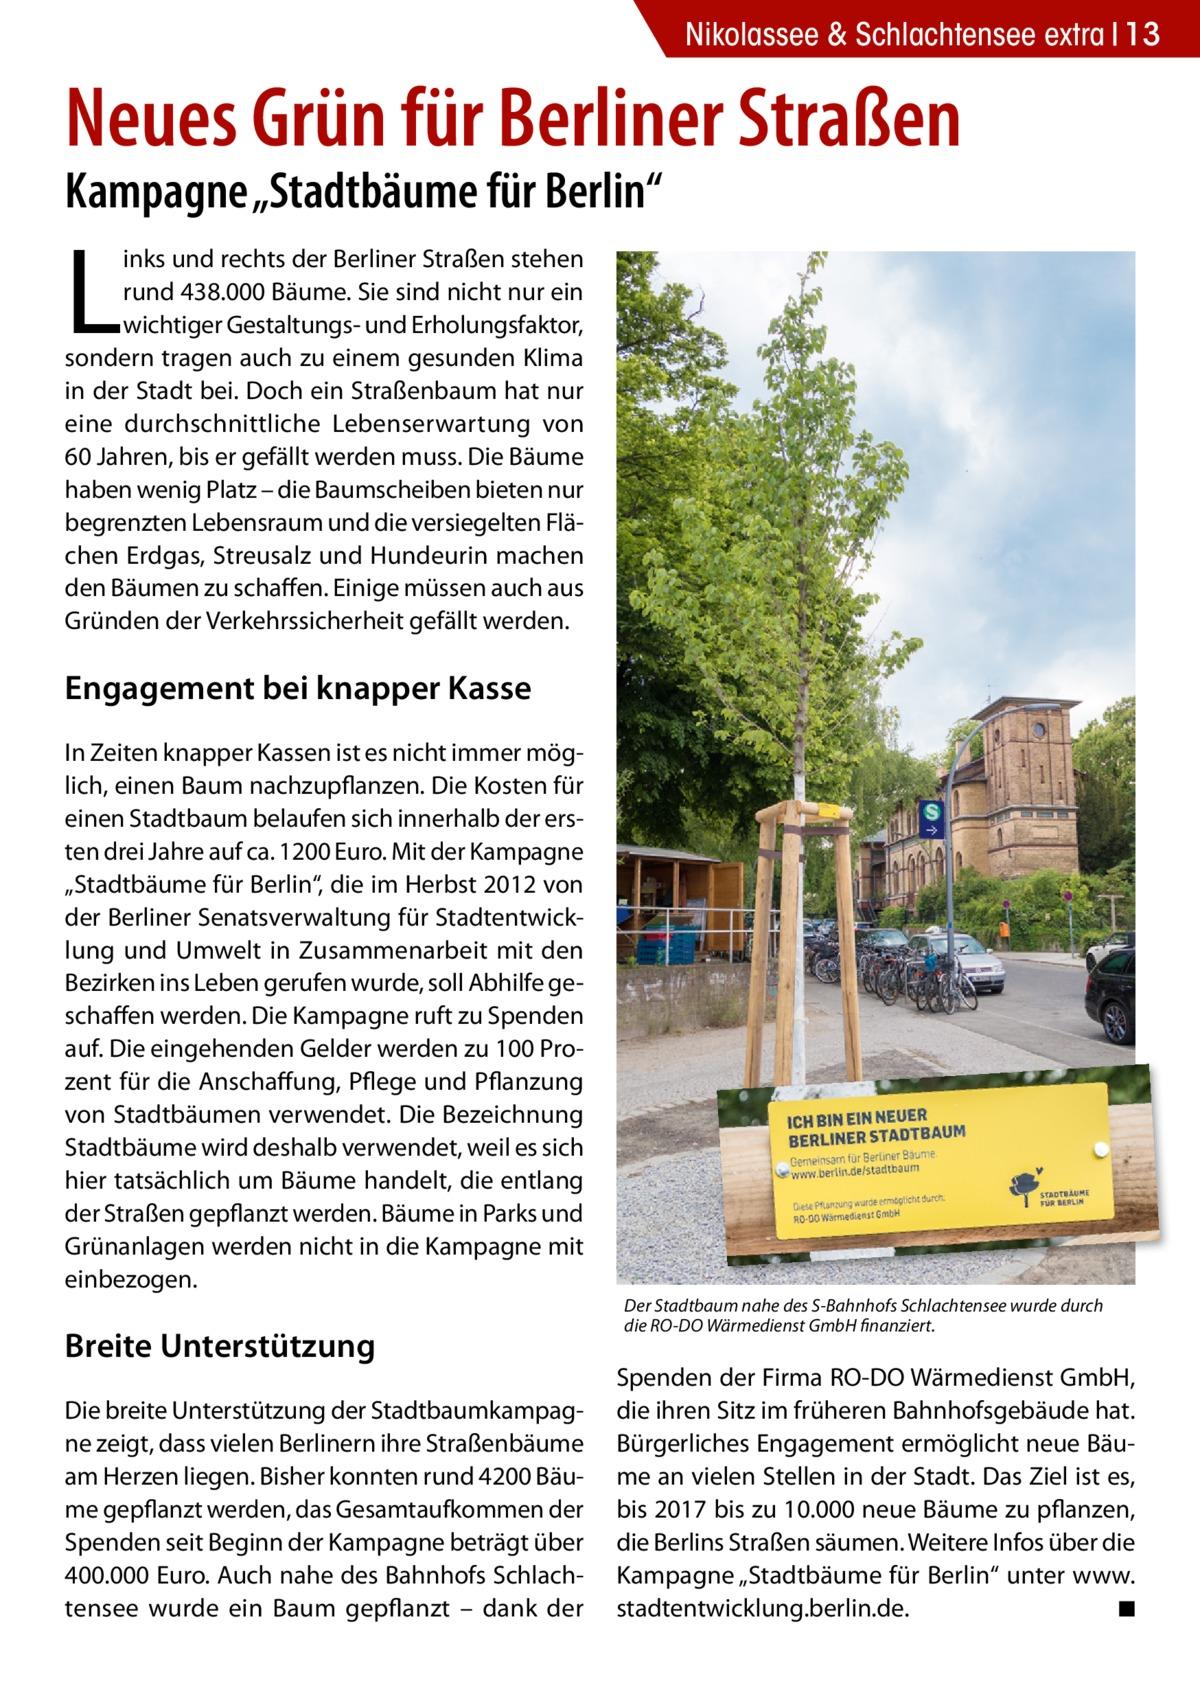 """Nikolassee & Schlachtensee extra 13  Neues Grün für Berliner Straßen Kampagne """"Stadtbäume für Berlin""""  L  inks und rechts der Berliner Straßen stehen rund 438.000 Bäume. Sie sind nicht nur ein wichtiger Gestaltungs- und Erholungsfaktor, sondern tragen auch zu einem gesunden Klima in der Stadt bei. Doch ein Straßenbaum hat nur eine durchschnittliche Lebenserwartung von 60Jahren, bis er gefällt werden muss. Die Bäume haben wenig Platz – die Baumscheiben bieten nur begrenzten Lebensraum und die versiegelten Flächen Erdgas, Streusalz und Hundeurin machen den Bäumen zu schaffen. Einige müssen auch aus Gründen der Verkehrssicherheit gefällt werden.  Engagement bei knapper Kasse In Zeiten knapper Kassen ist es nicht immer möglich, einen Baum nachzupflanzen. Die Kosten für einen Stadtbaum belaufen sich innerhalb der ersten drei Jahre auf ca. 1200Euro. Mit der Kampagne """"Stadtbäume für Berlin"""", die im Herbst 2012 von der Berliner Senatsverwaltung für Stadtentwicklung und Umwelt in Zusammenarbeit mit den Bezirken ins Leben gerufen wurde, soll Abhilfe geschaffen werden. Die Kampagne ruft zu Spenden auf. Die eingehenden Gelder werden zu 100Prozent für die Anschaffung, Pflege und Pflanzung von Stadtbäumen verwendet. Die Bezeichnung Stadtbäume wird deshalb verwendet, weil es sich hier tatsächlich um Bäume handelt, die entlang der Straßen gepflanzt werden. Bäume in Parks und Grünanlagen werden nicht in die Kampagne mit einbezogen.  Breite Unterstützung Die breite Unterstützung der Stadtbaumkampagne zeigt, dass vielen Berlinern ihre Straßenbäume am Herzen liegen. Bisher konnten rund 4200 Bäume gepflanzt werden, das Gesamtaufkommen der Spenden seit Beginn der Kampagne beträgt über 400.000Euro. Auch nahe des Bahnhofs Schlachtensee wurde ein Baum gepflanzt – dank der  Der Stadtbaum nahe des S-Bahnhofs Schlachtensee wurde durch die RO-DO Wärmedienst GmbH finanziert.  Spenden der Firma RO-DO Wärmedienst GmbH, die ihren Sitz im früheren Bahnhofsgebäude hat. Bürgerliches Engagement ermögli"""